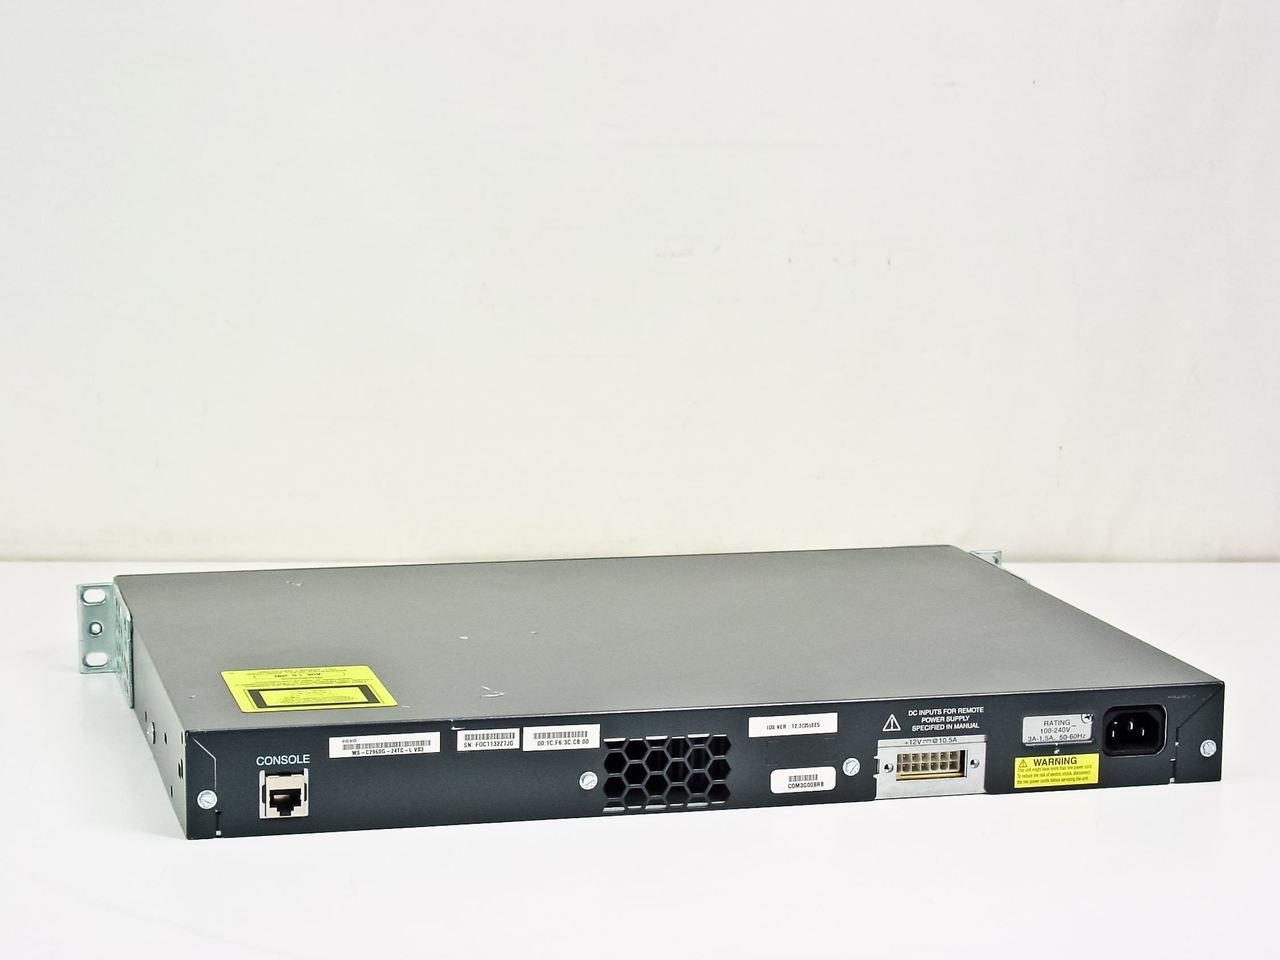 Cisco WS-C2960G-24TC-L Catalyst 2960G Series 24 Port Gigabit Switch